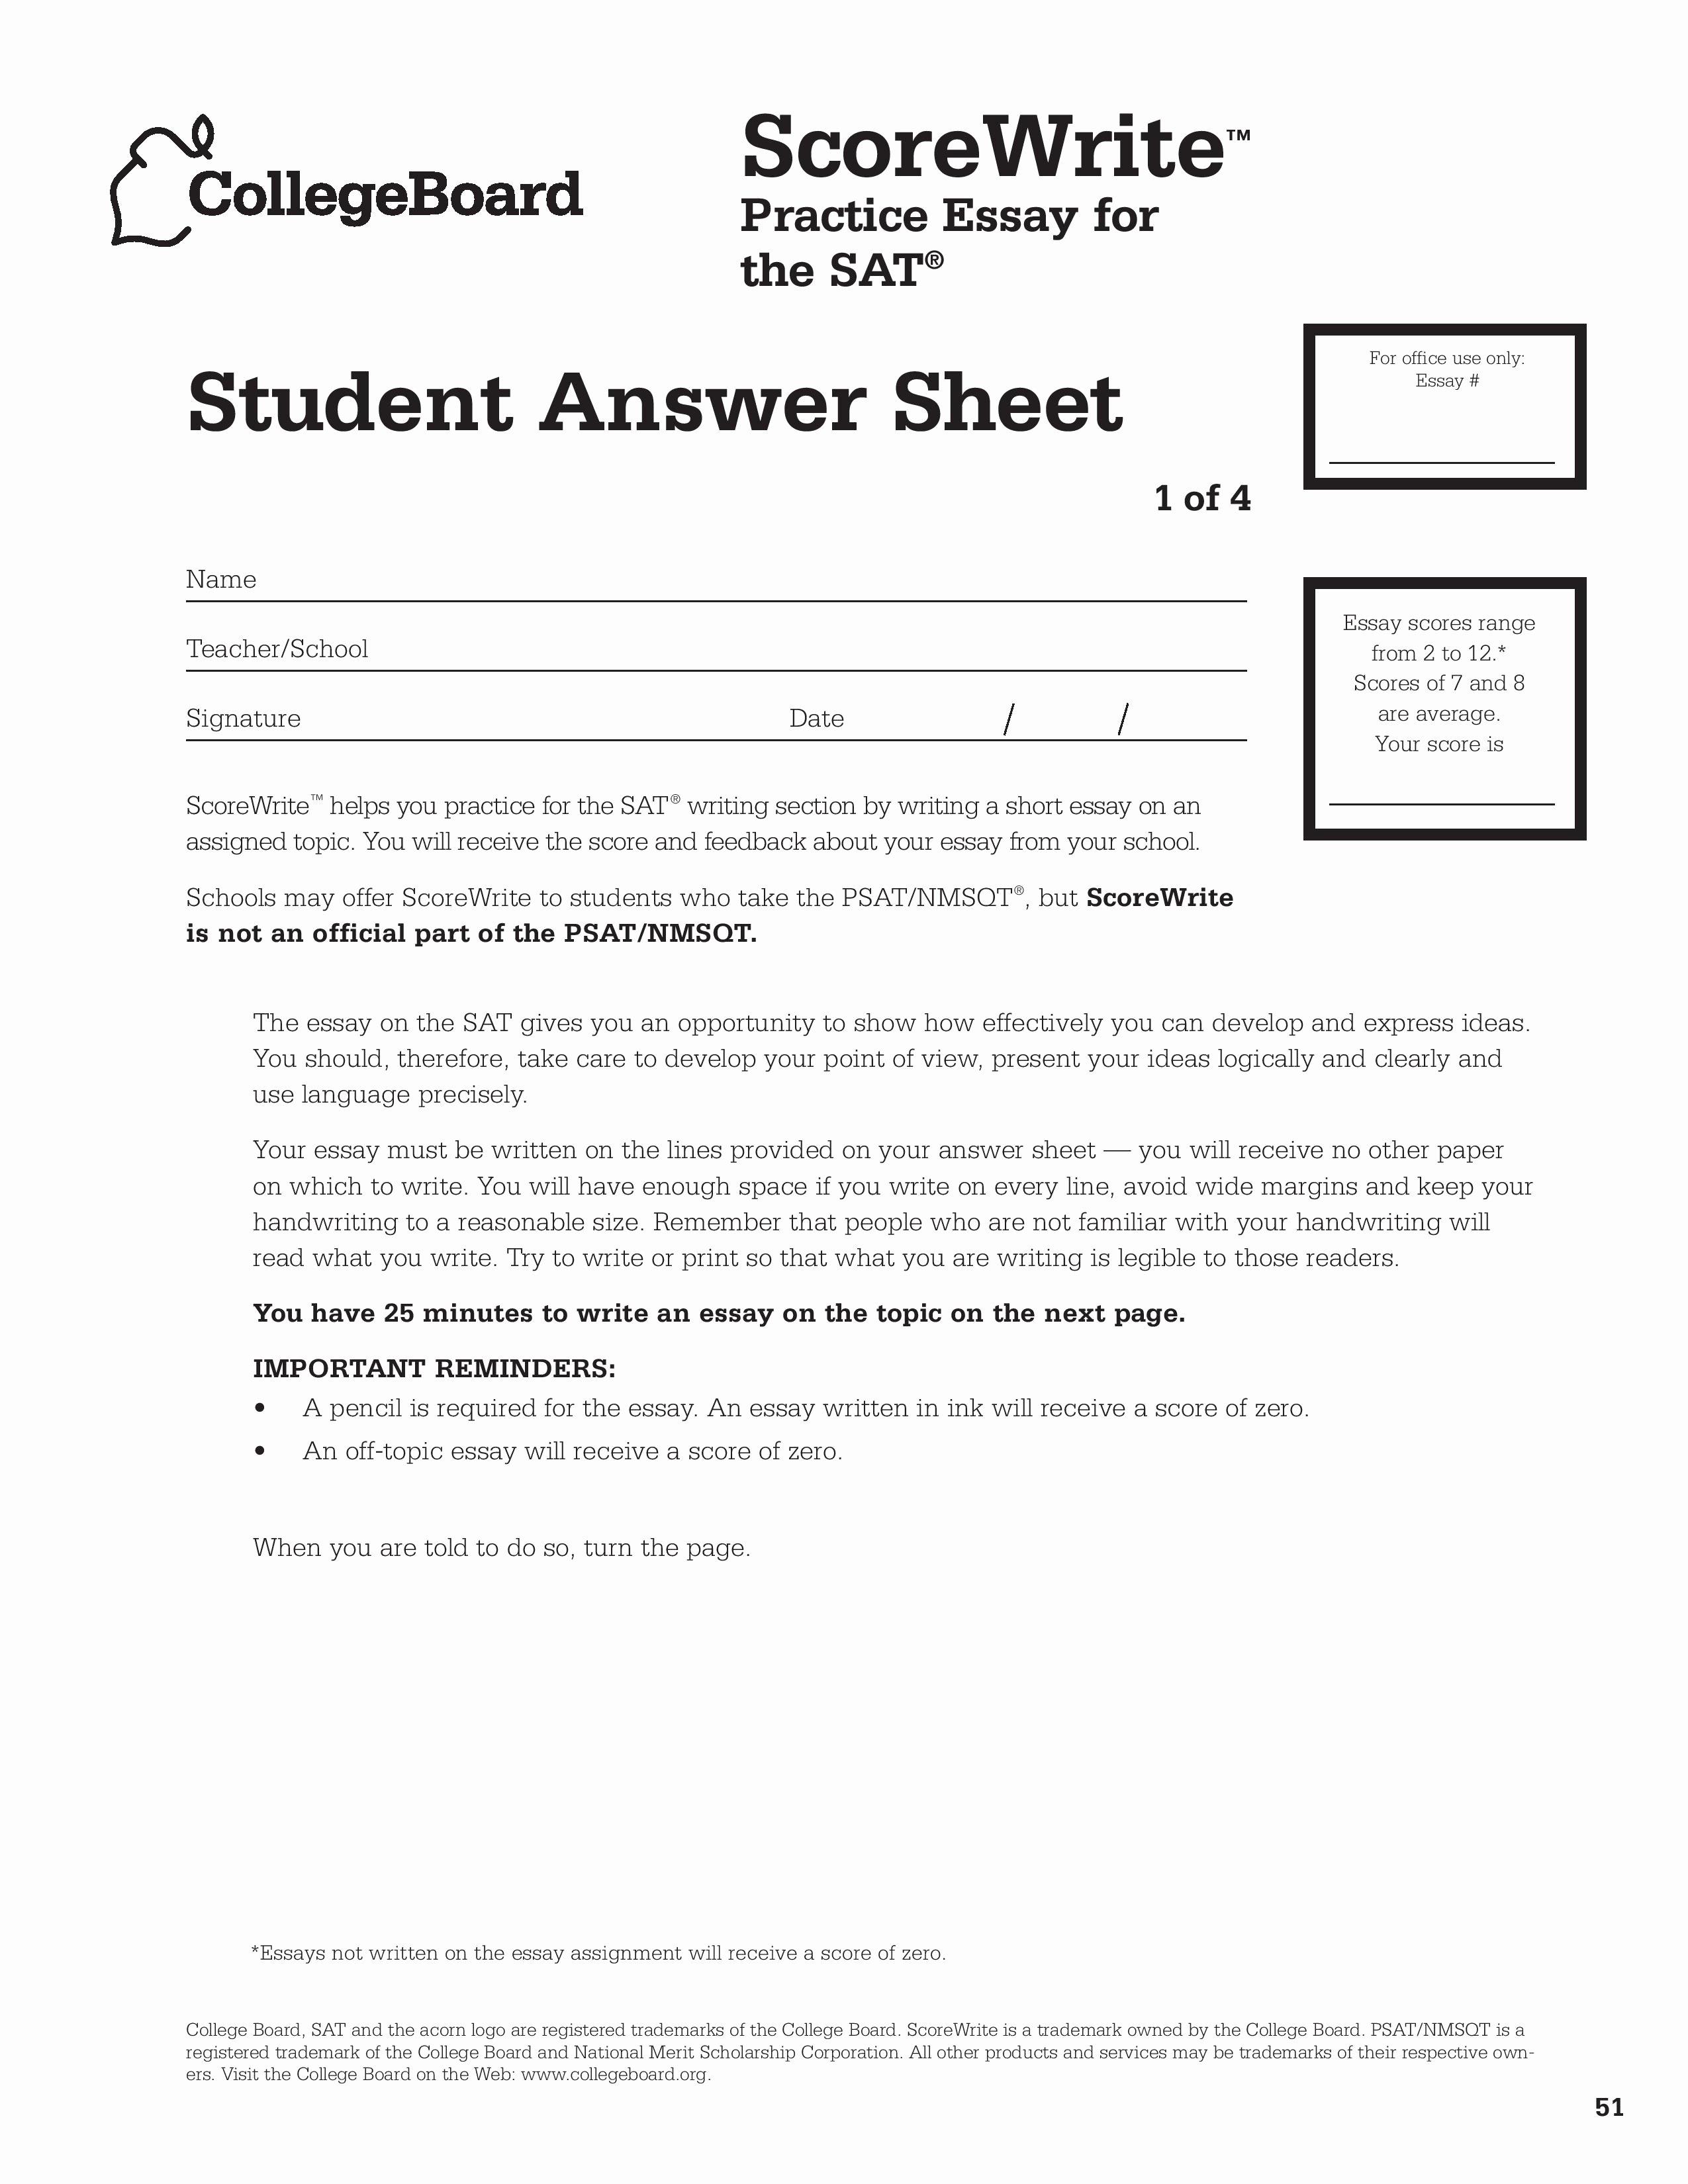 Sat Essay Template Pdf Beautiful Sat Essay Template – Khan Academy Help Center